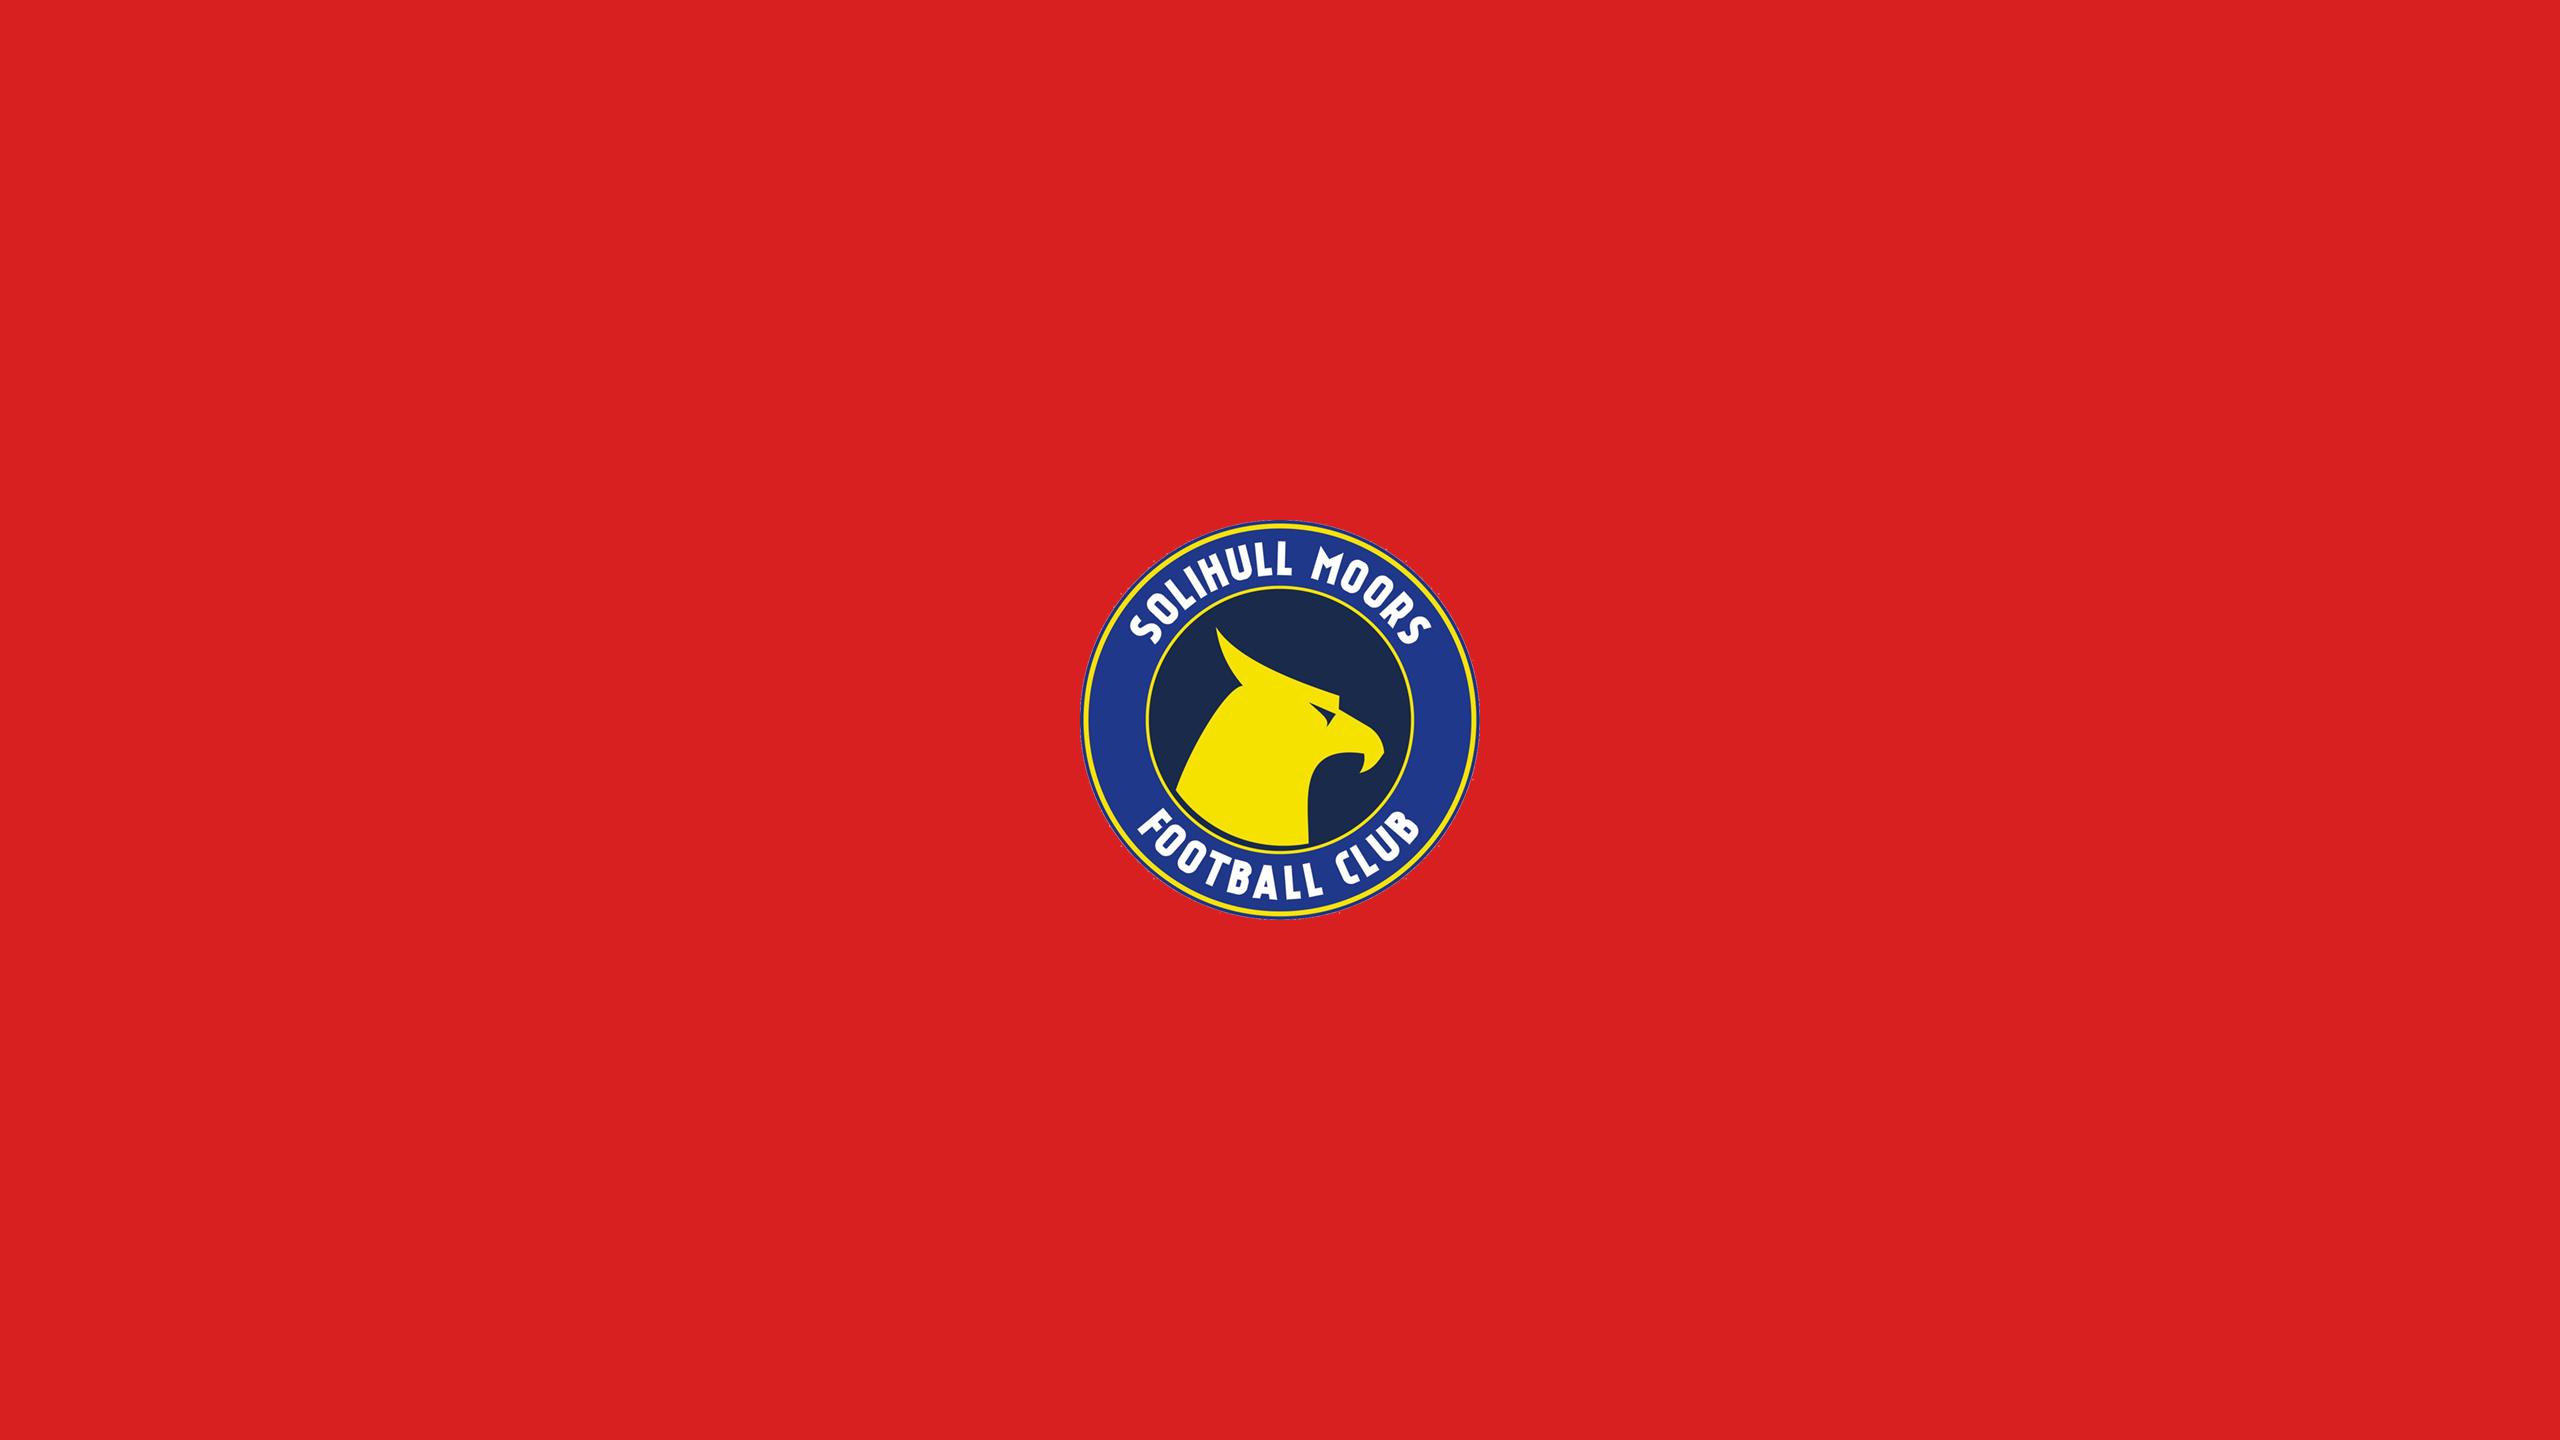 Solihill Moors FC (Away)